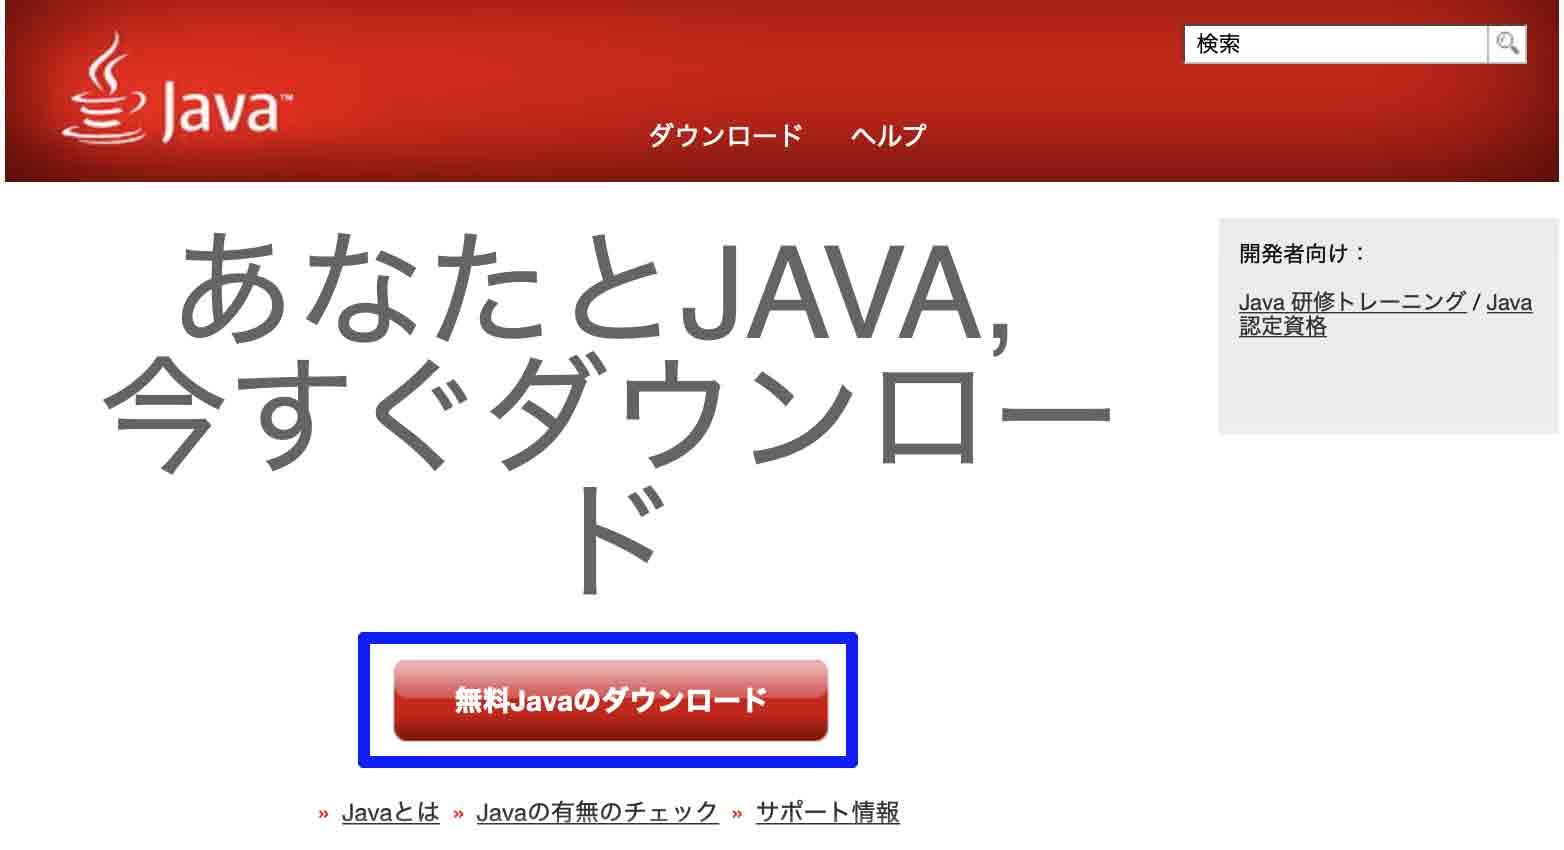 Java Top